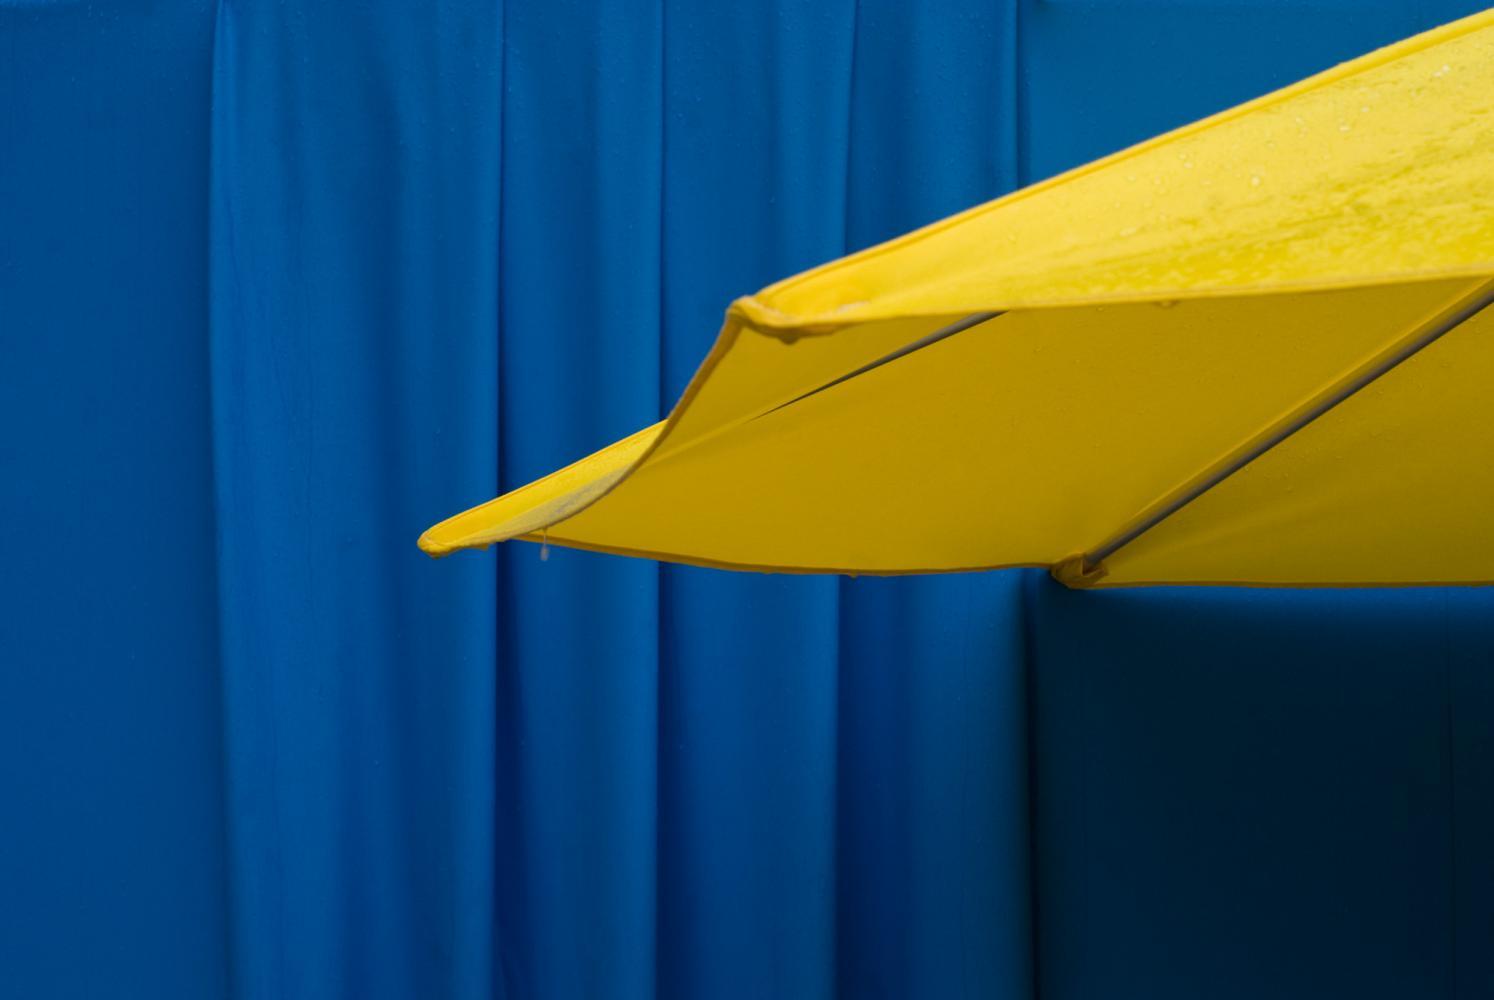 Parasol jaune devant une bâche bleu vif. Paris, août 2010.